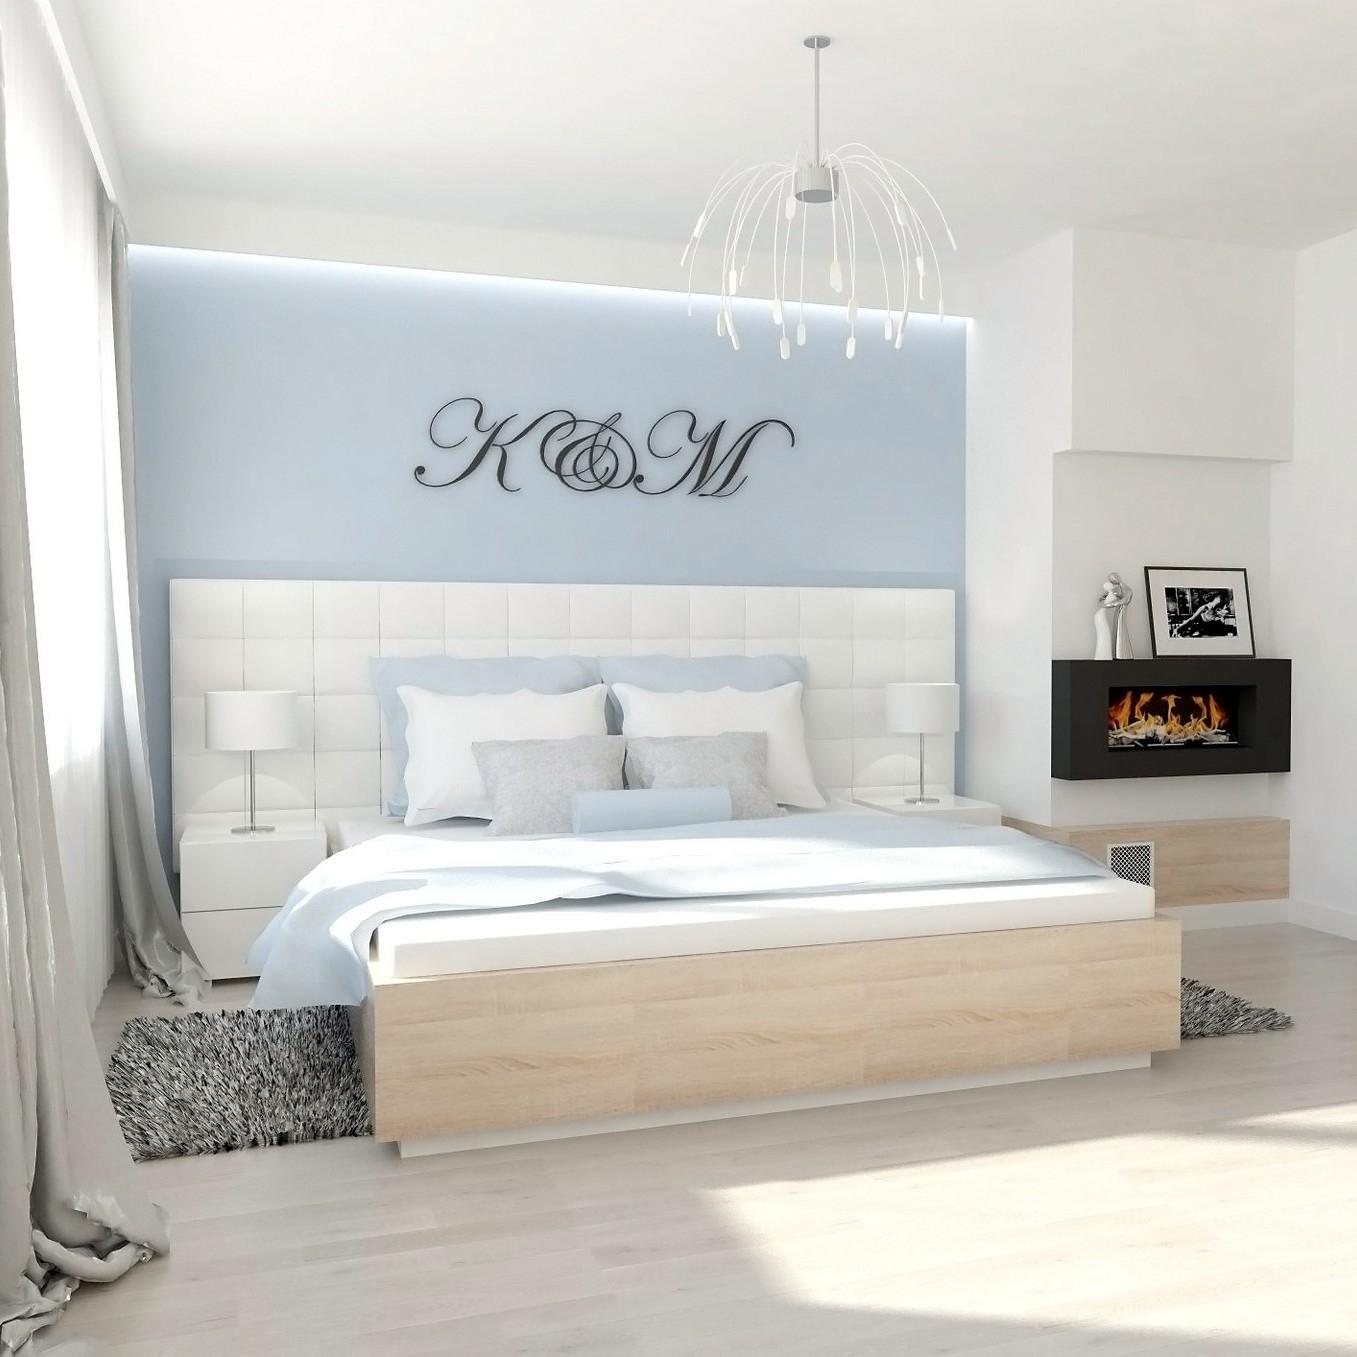 Projekt sypialni zgarderobą.